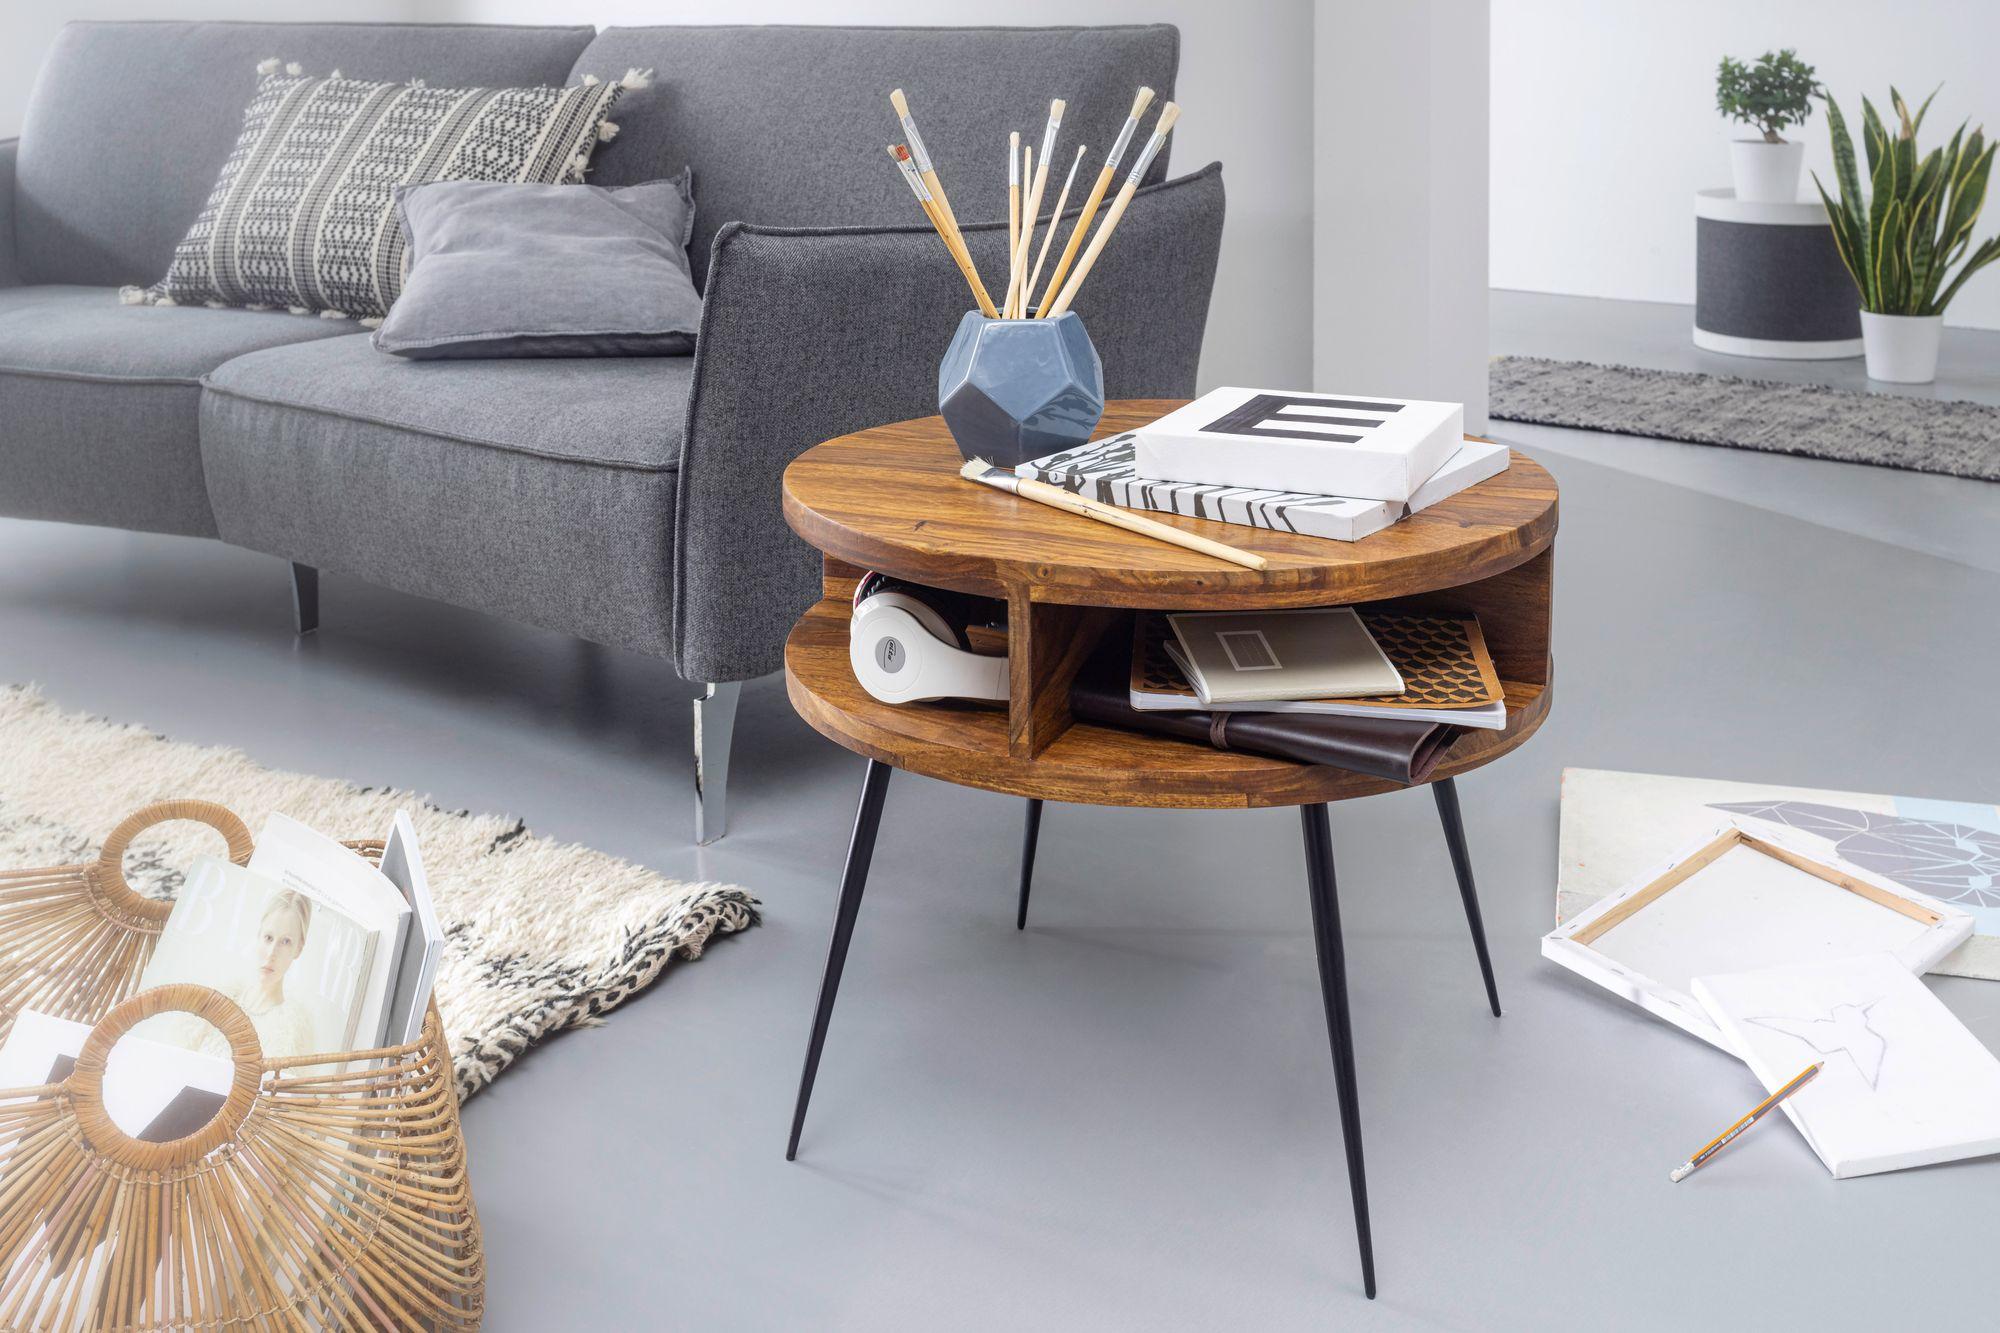 FineBuy Couchtisch Sheesham Massivholz / Metall 20x20x20 cm Tisch  Wohnzimmer  Design Beistelltisch mit Ablage  Kleiner Wohnzimmertisch Rund  Braun